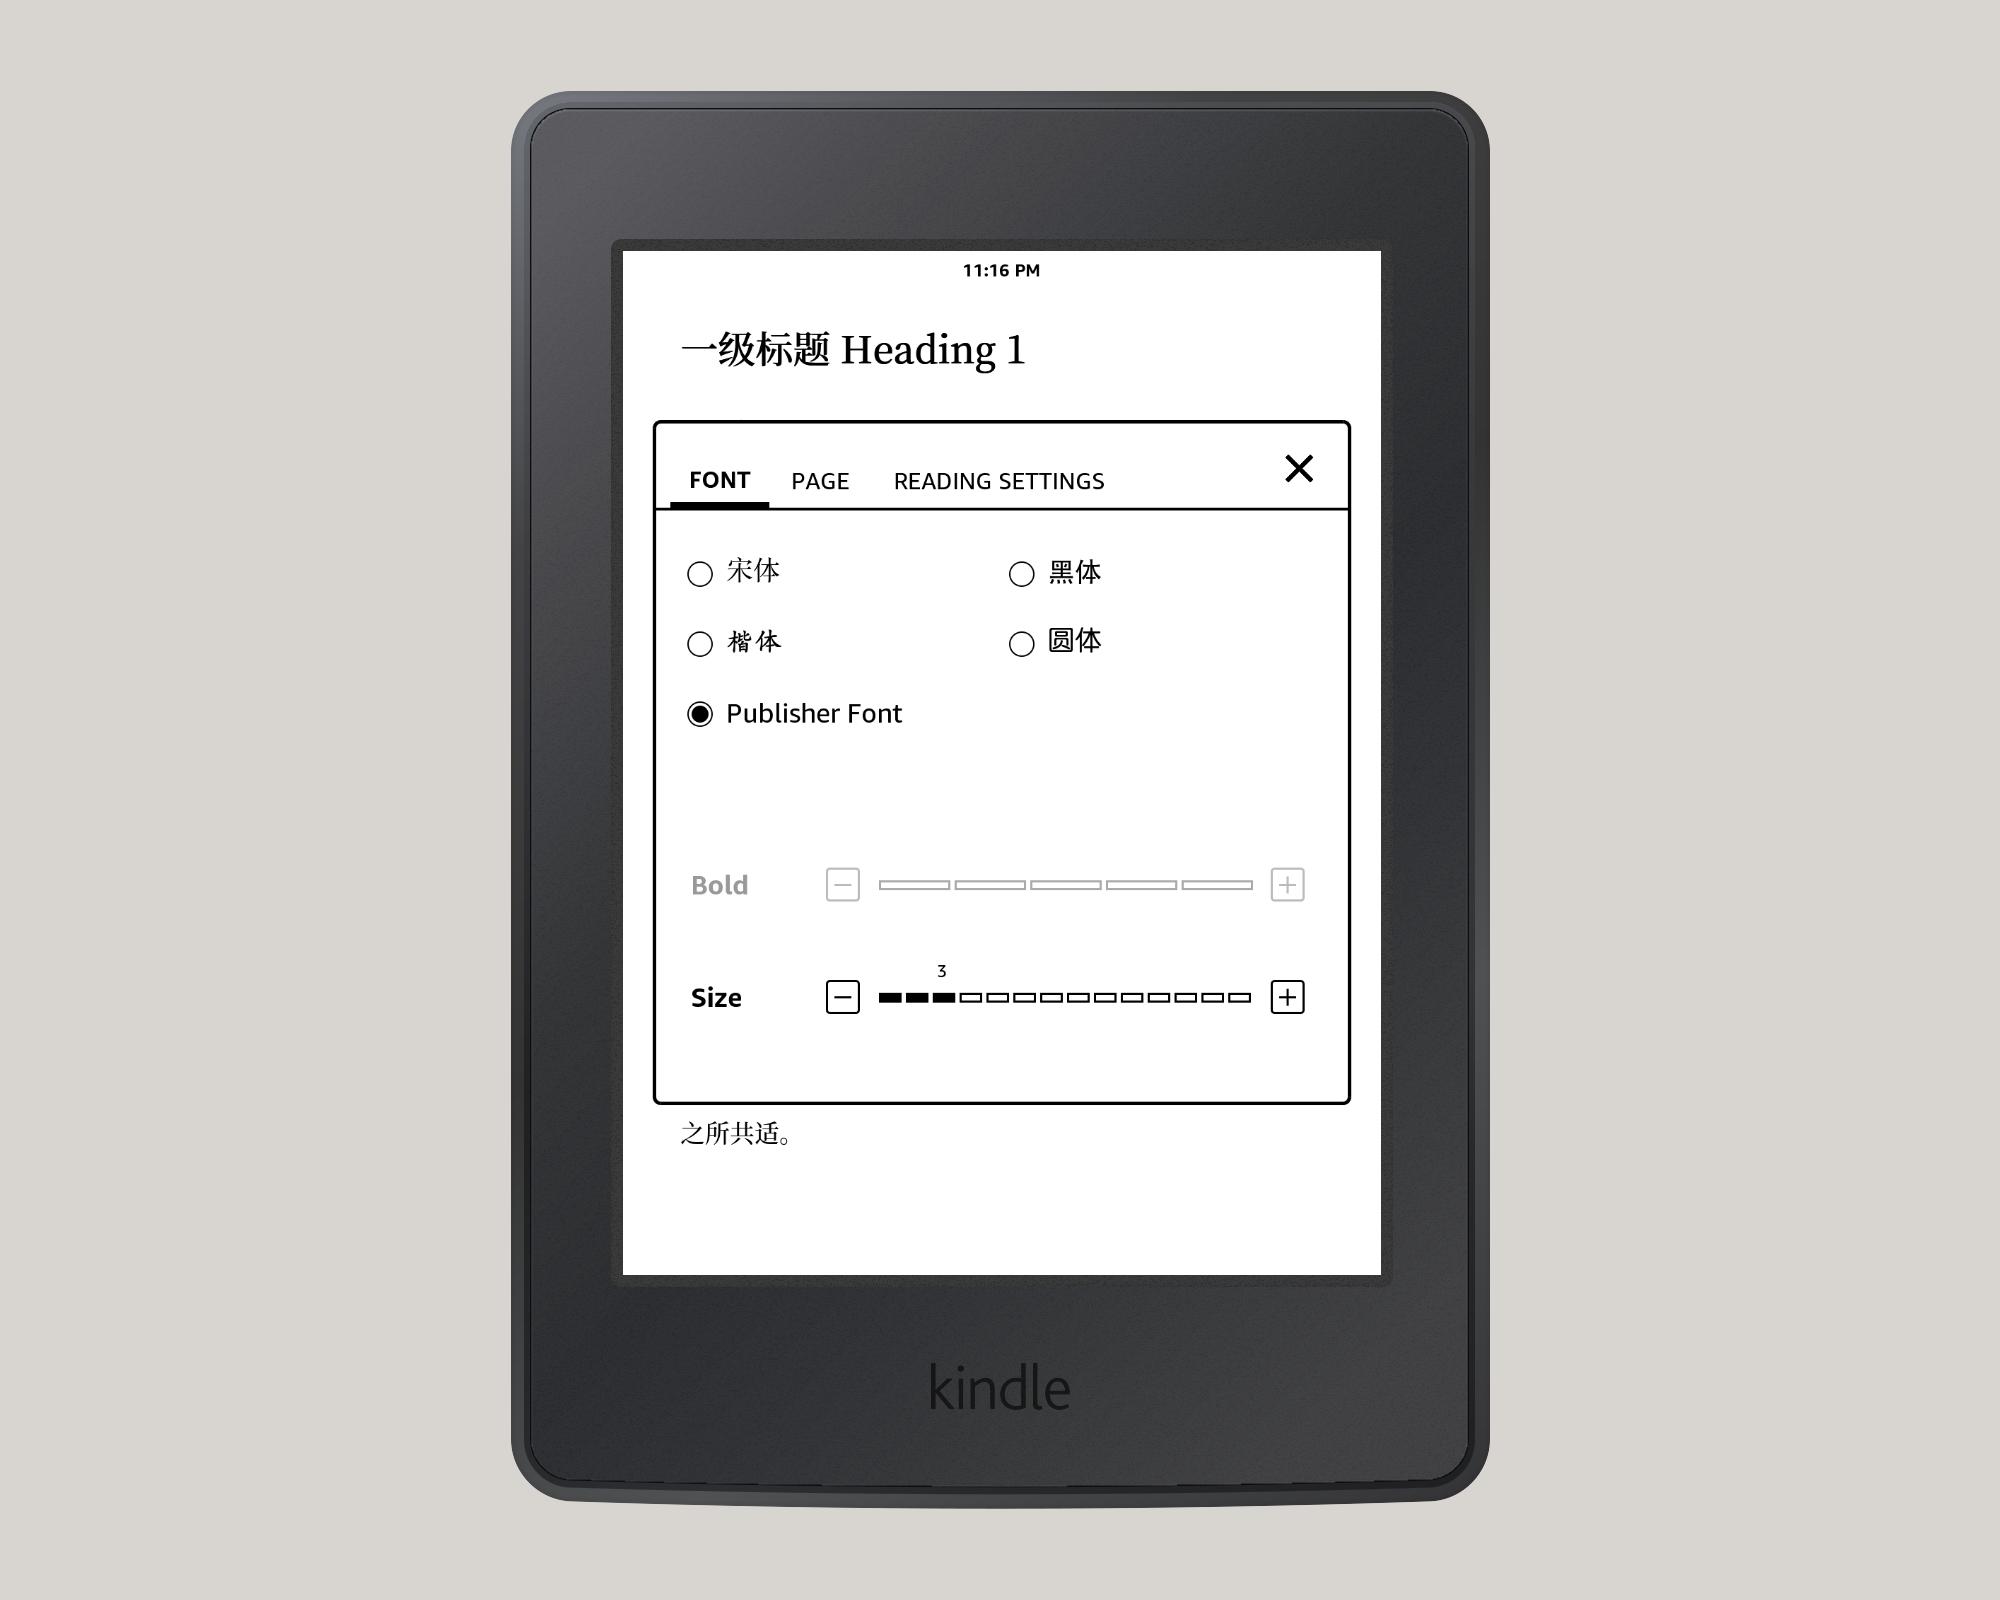 在 Kindle 字体菜单中选择「出版方字体」